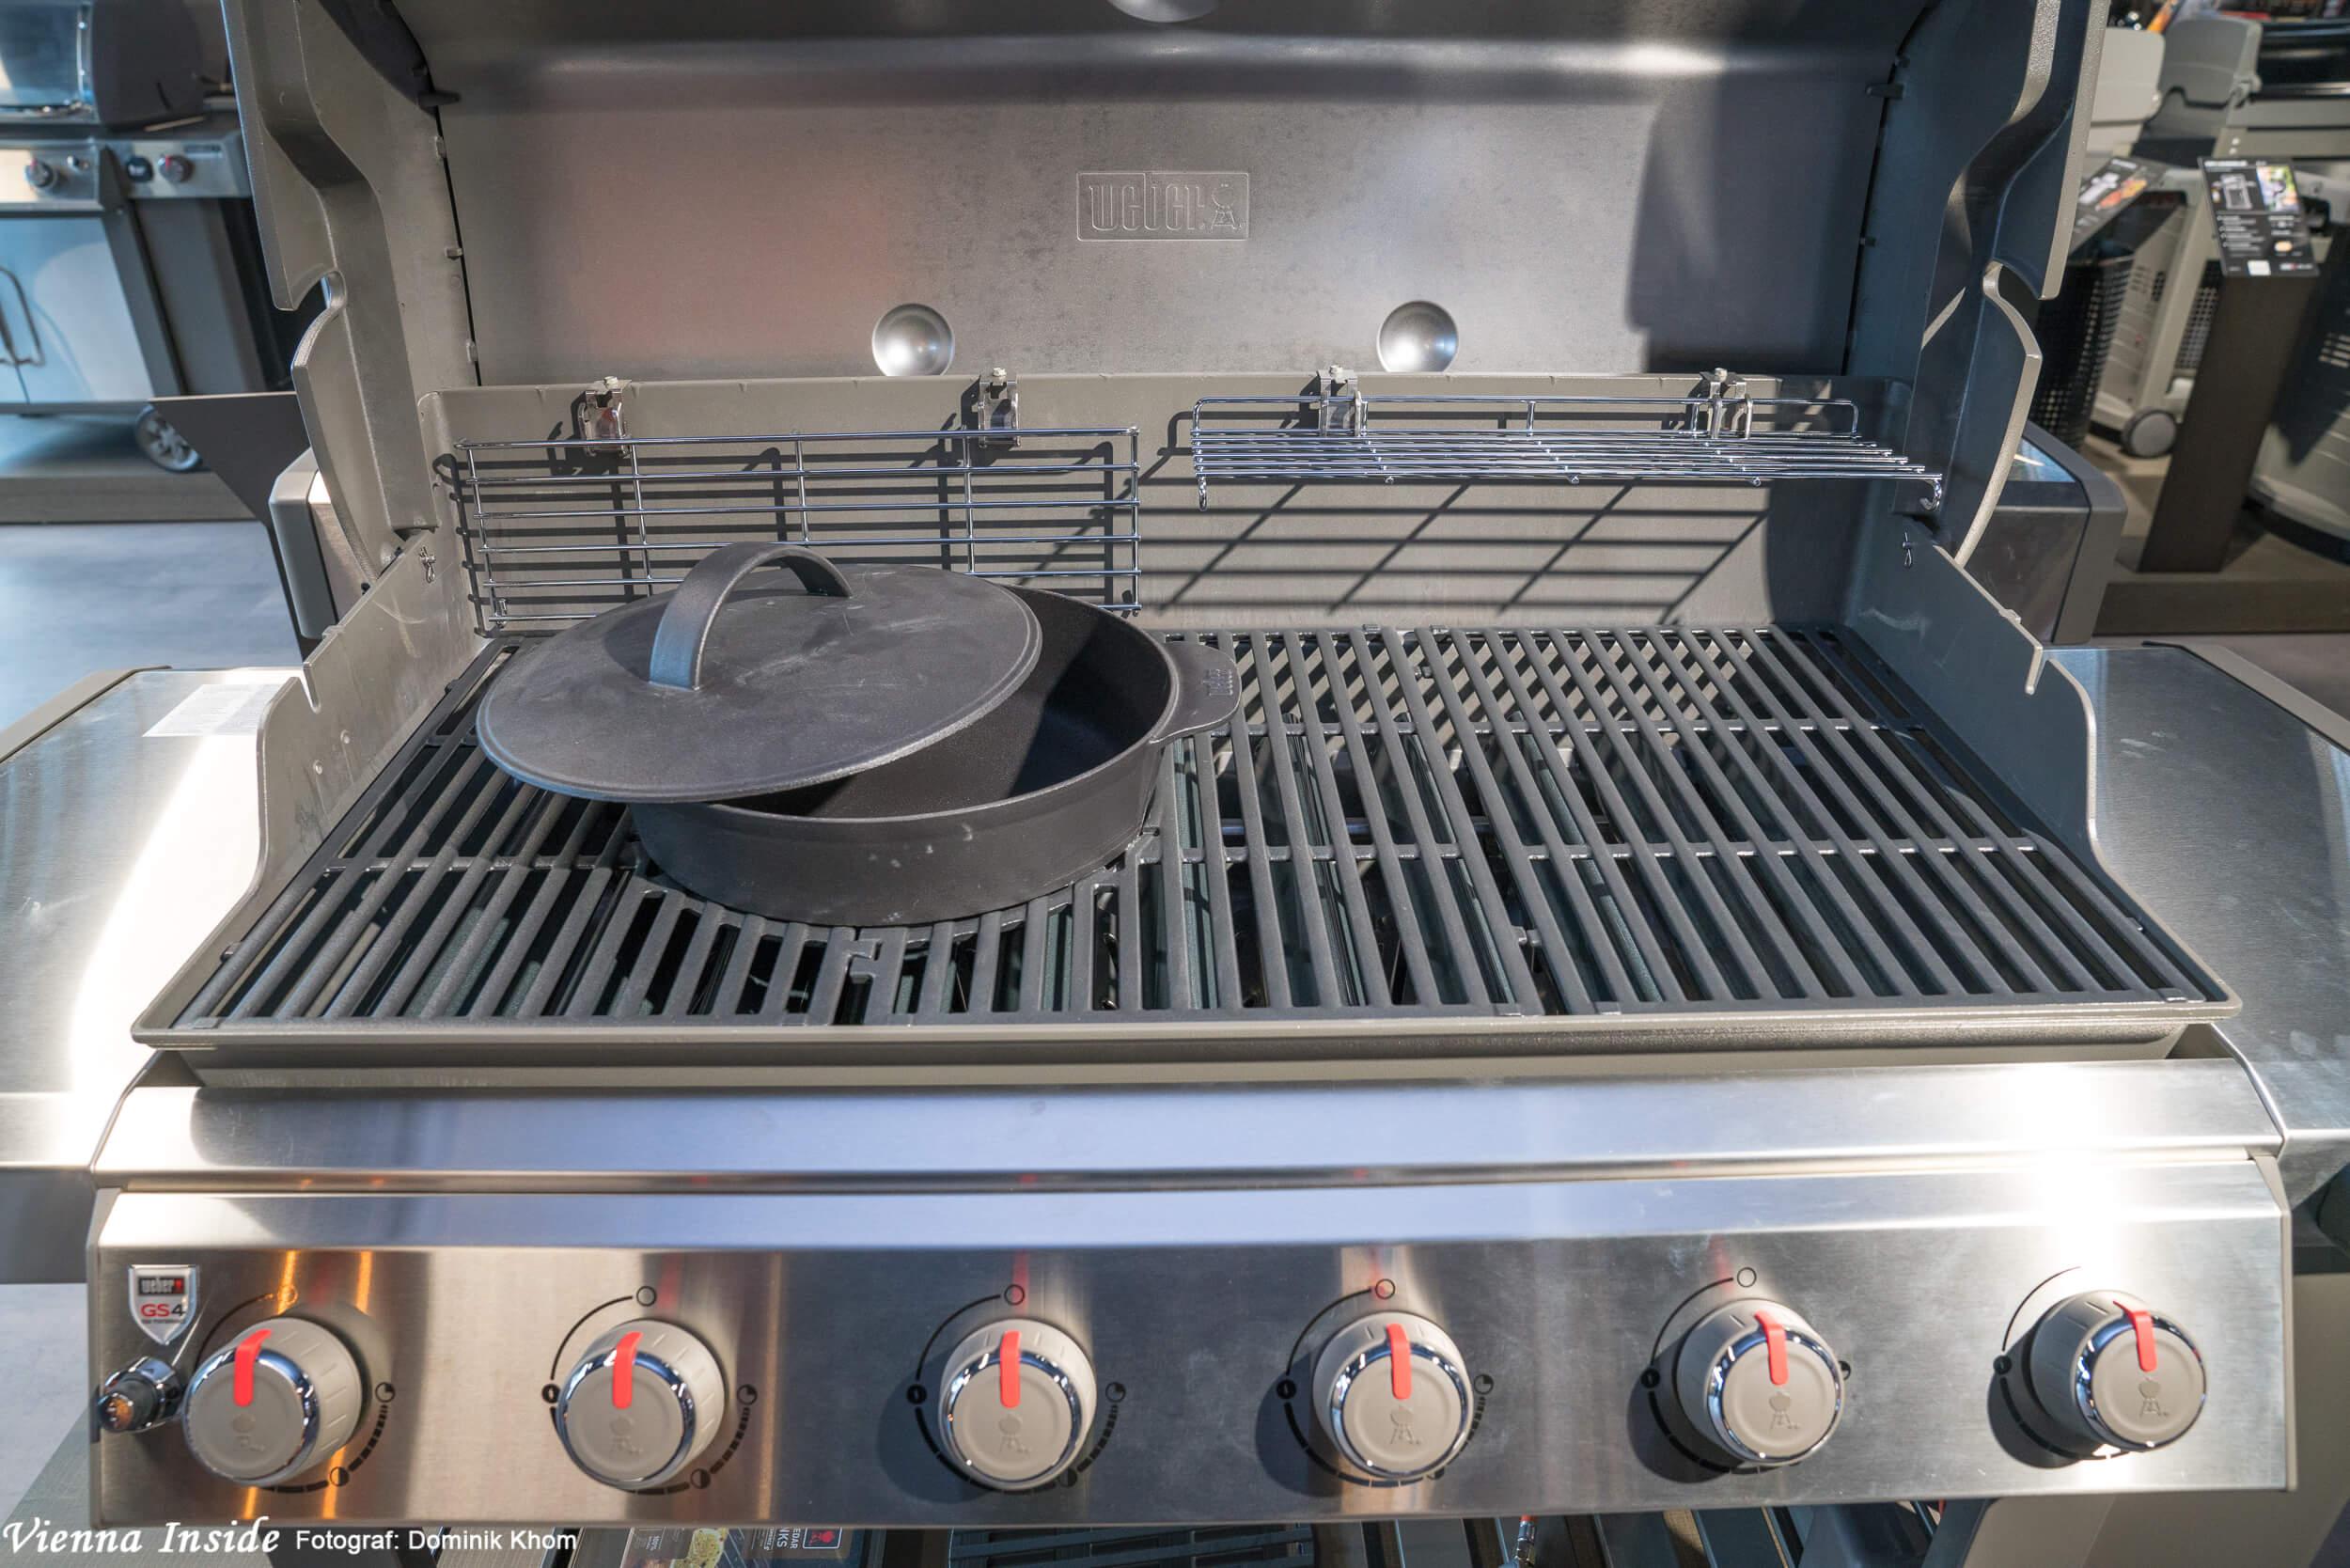 Outdoorküche Weber Q1200 : Outdoor küche für weber grill. ikea family card küche unterschrank